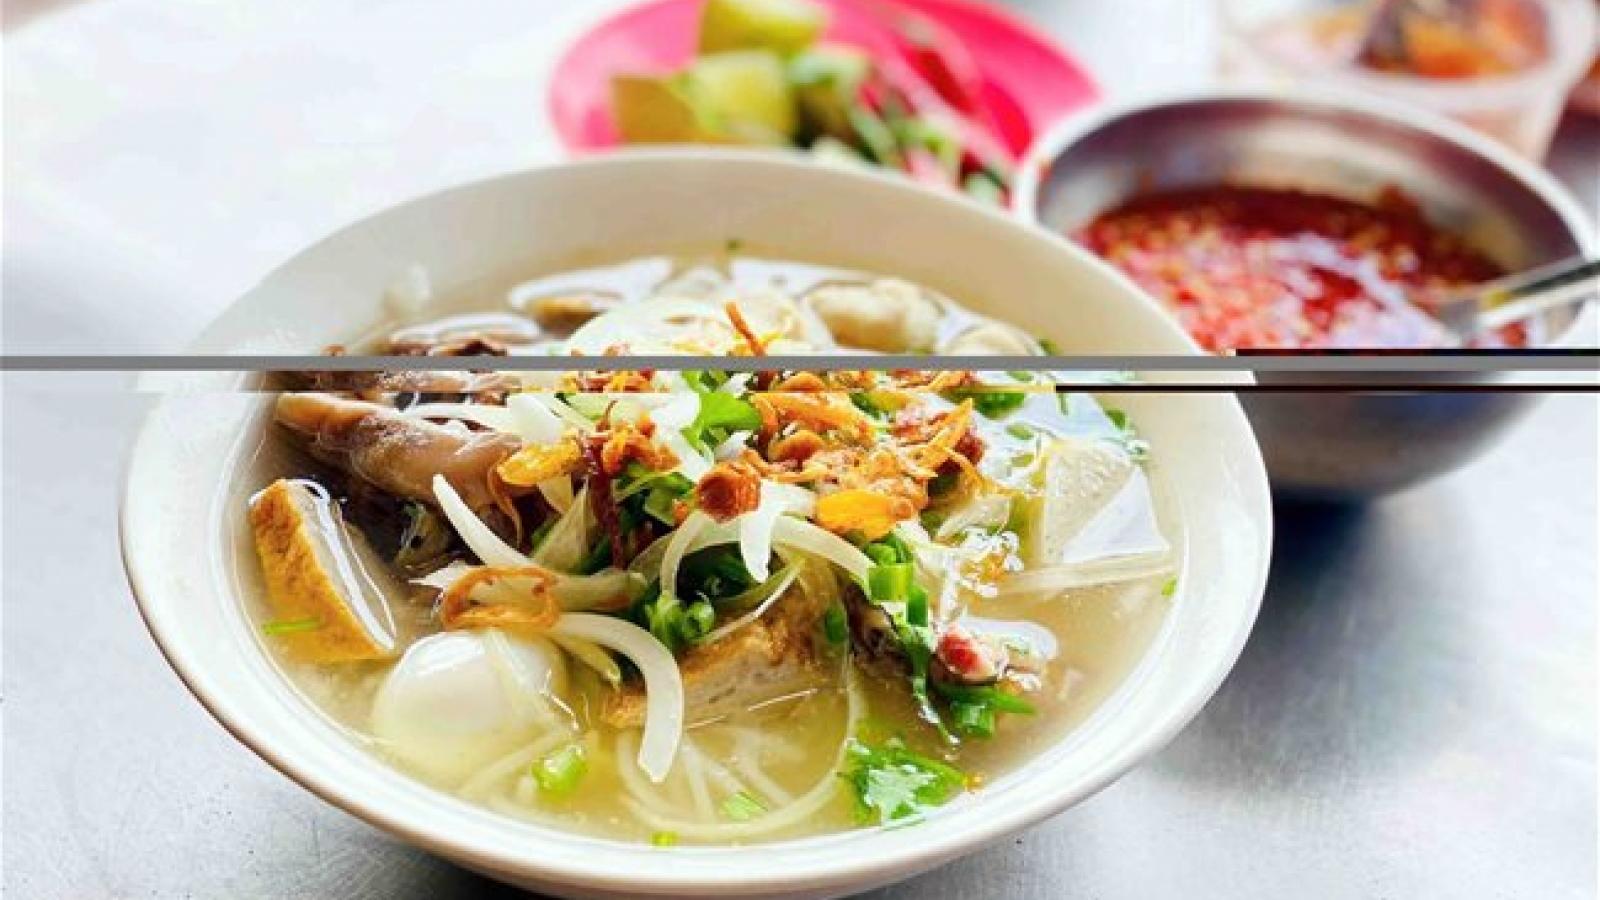 Coastal city's fish noodle soup